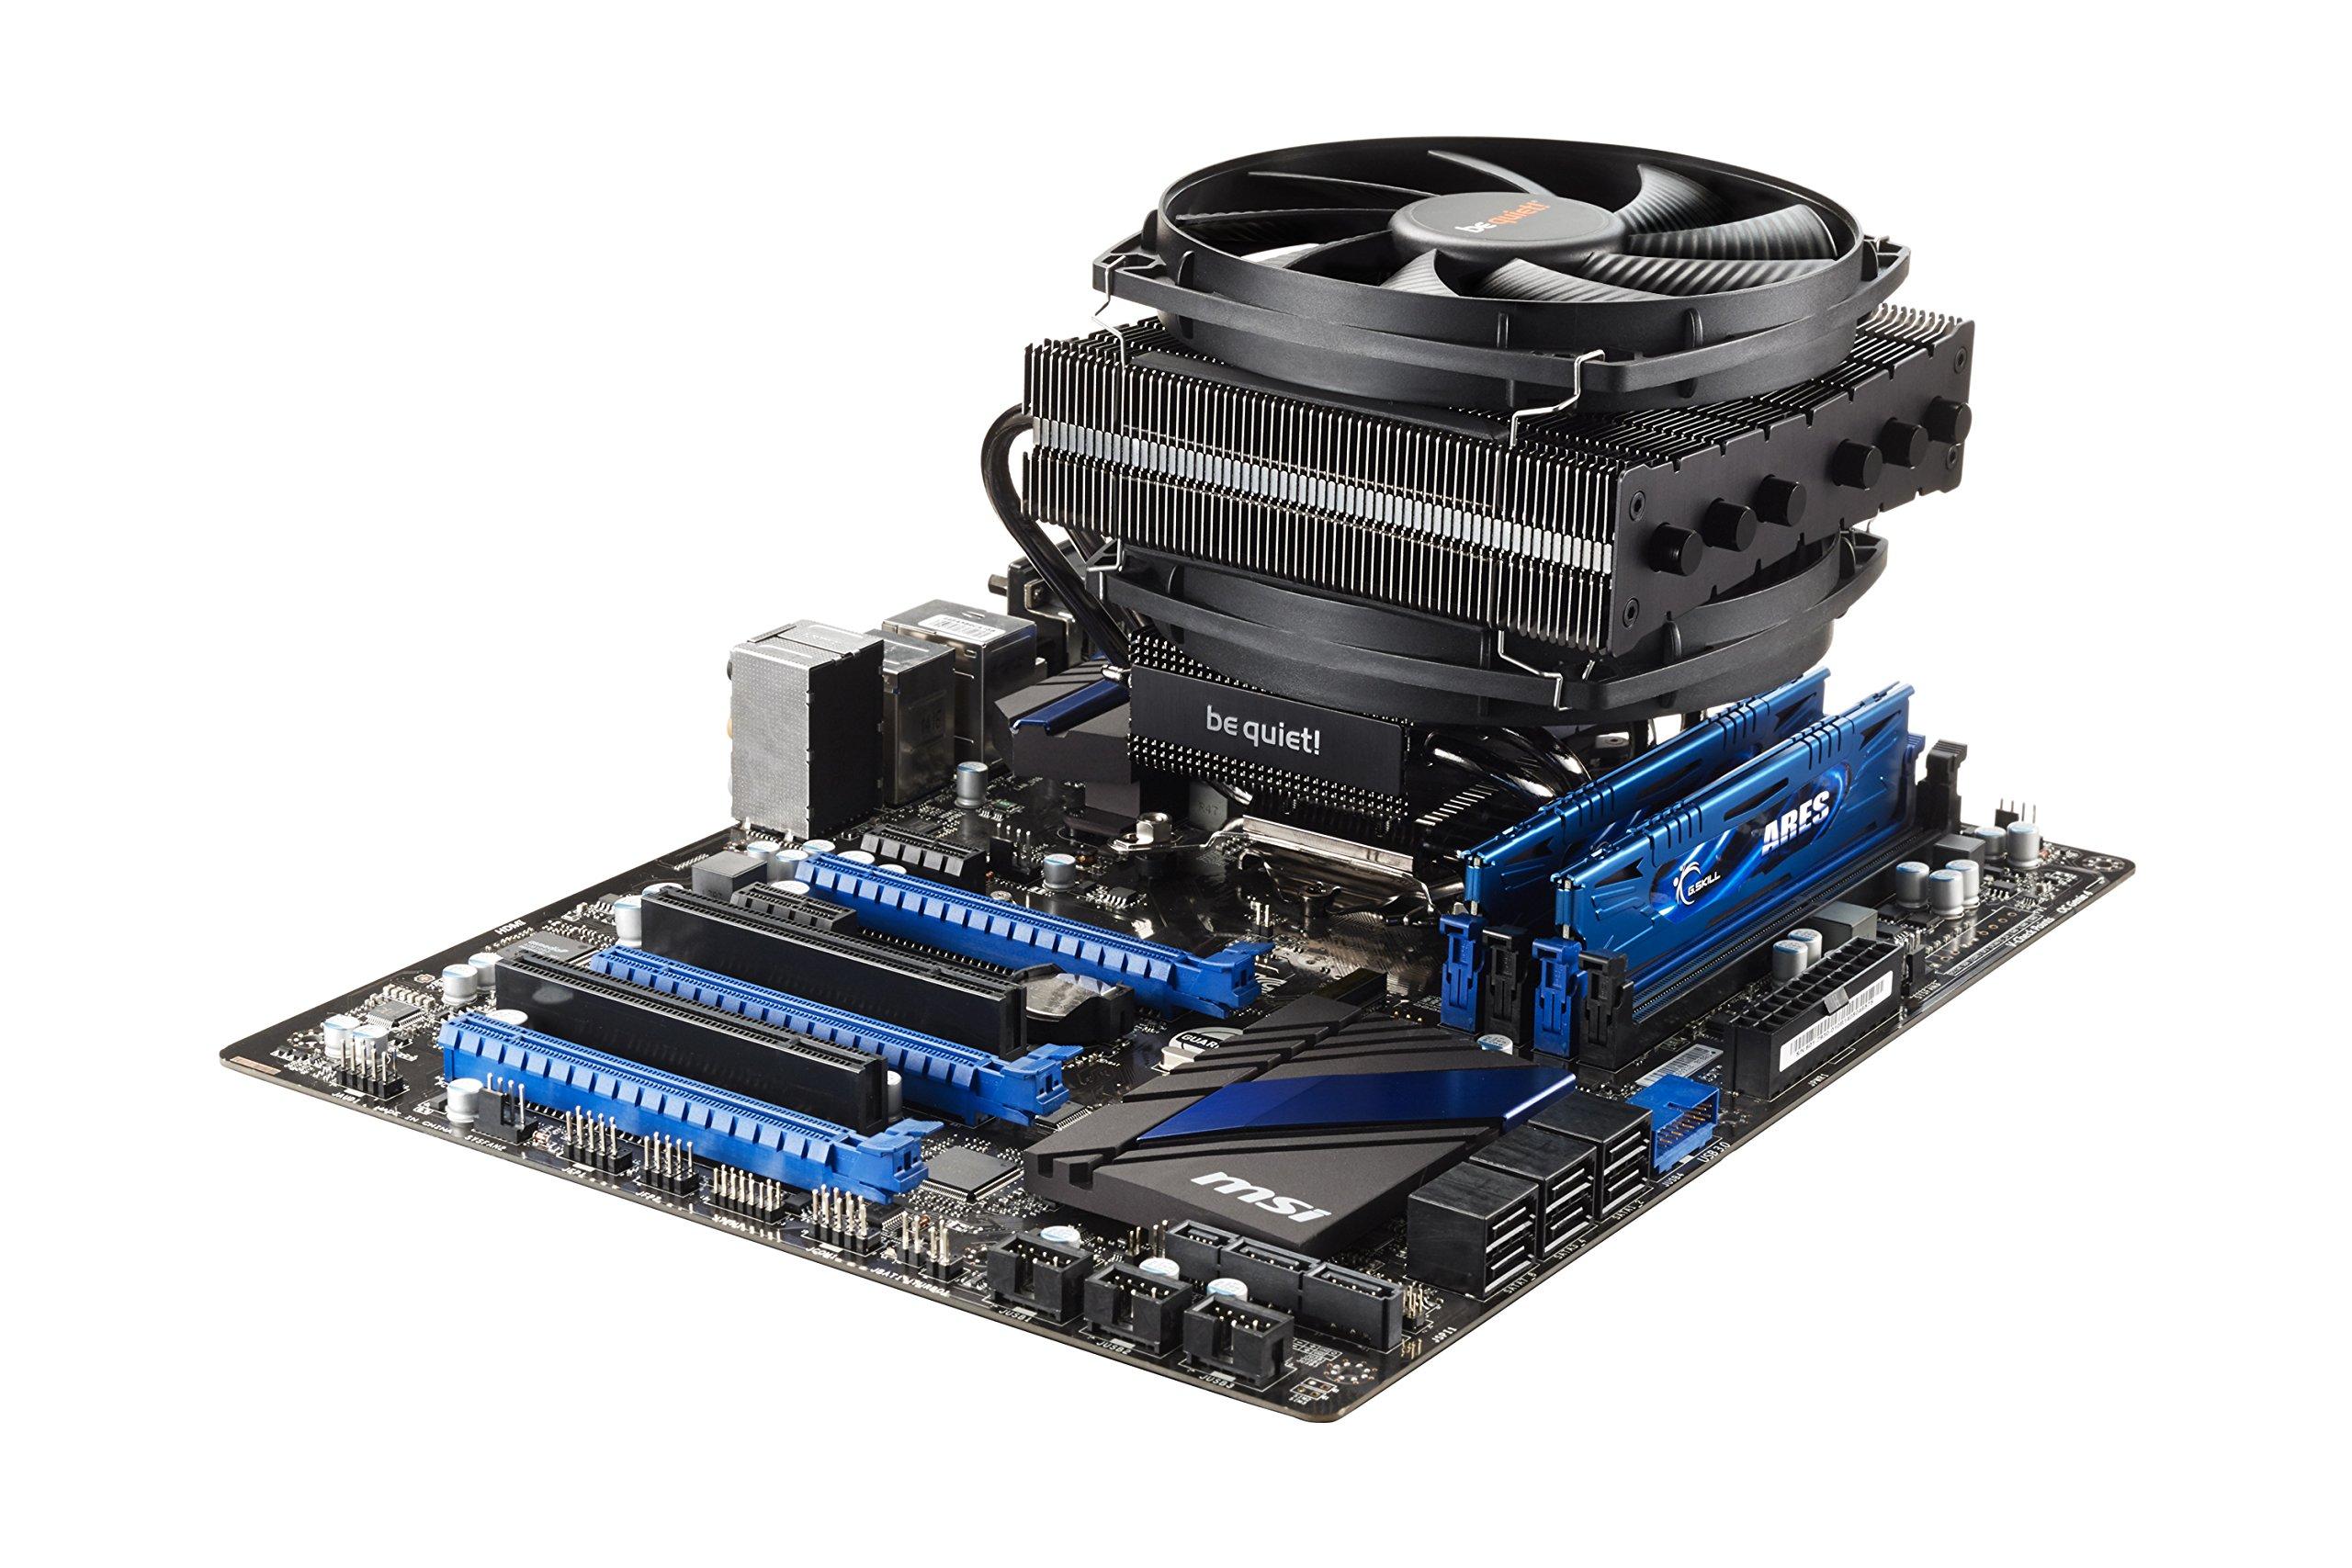 be quiet! Dark Rock Tf, BK020, 220W TDP, CPU Cooler by be quiet! (Image #4)